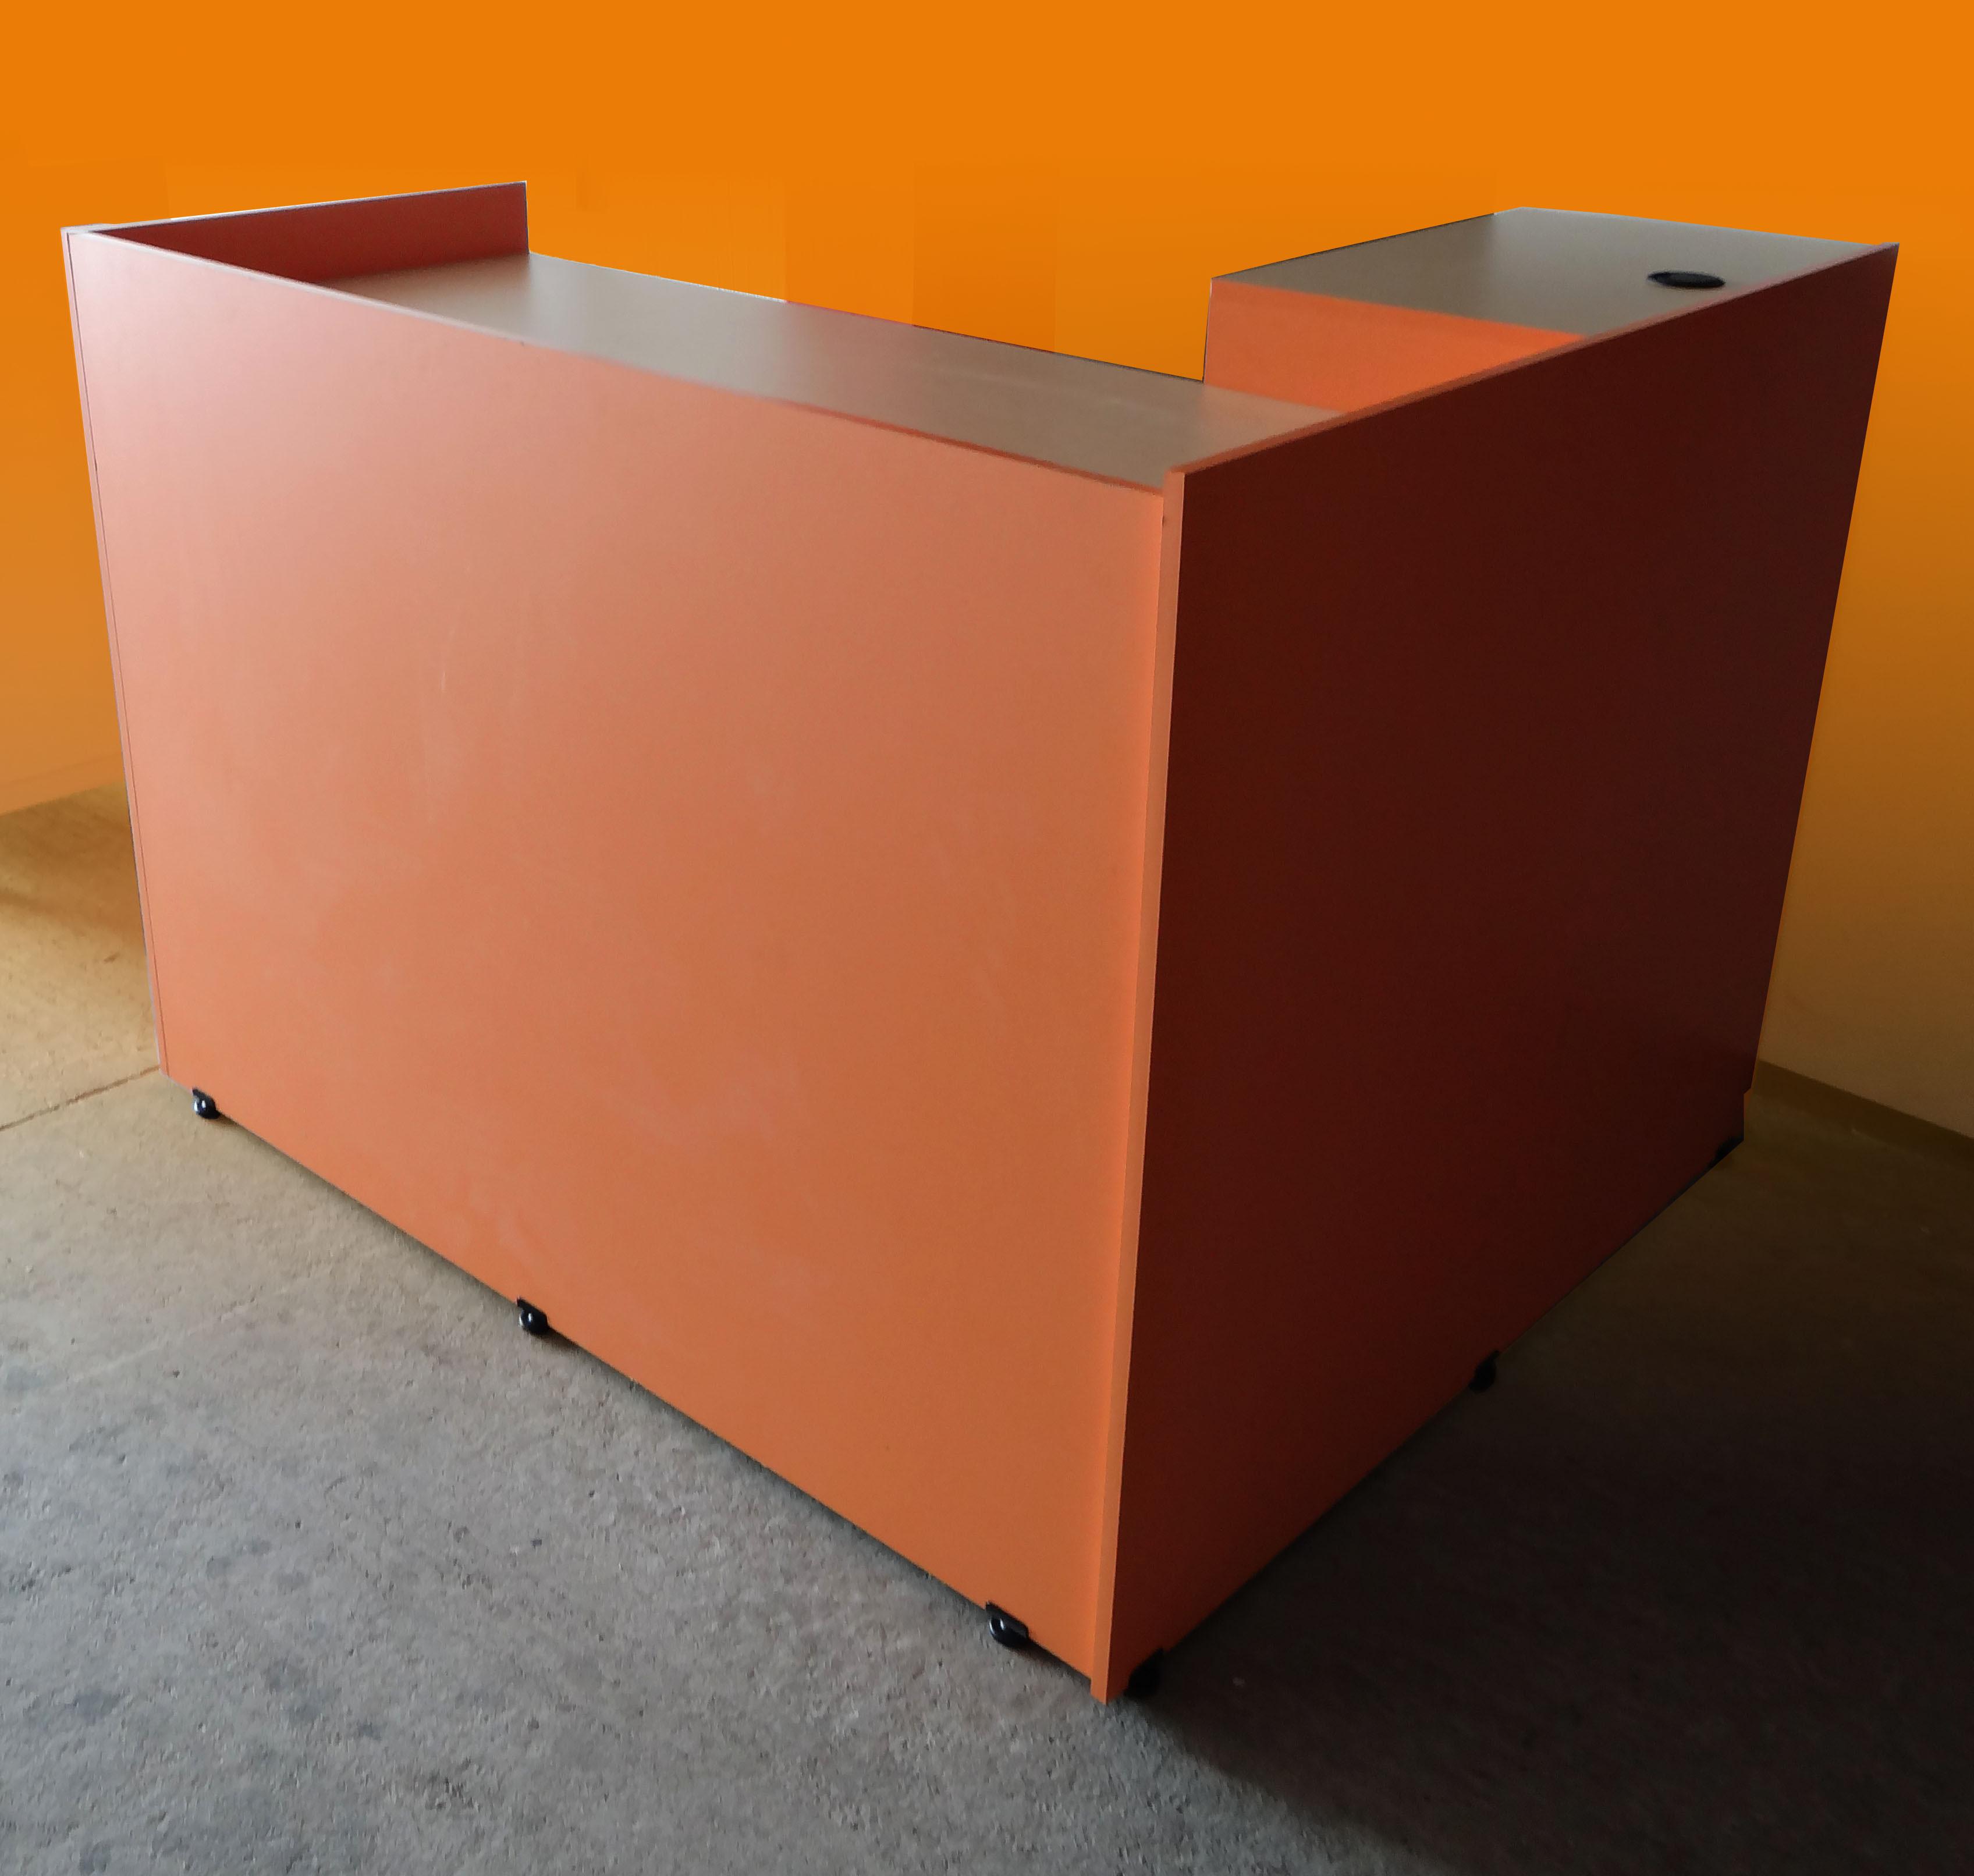 Fabricacion de muebles en melamina econobazar for Fabricacion de muebles de melamina pdf